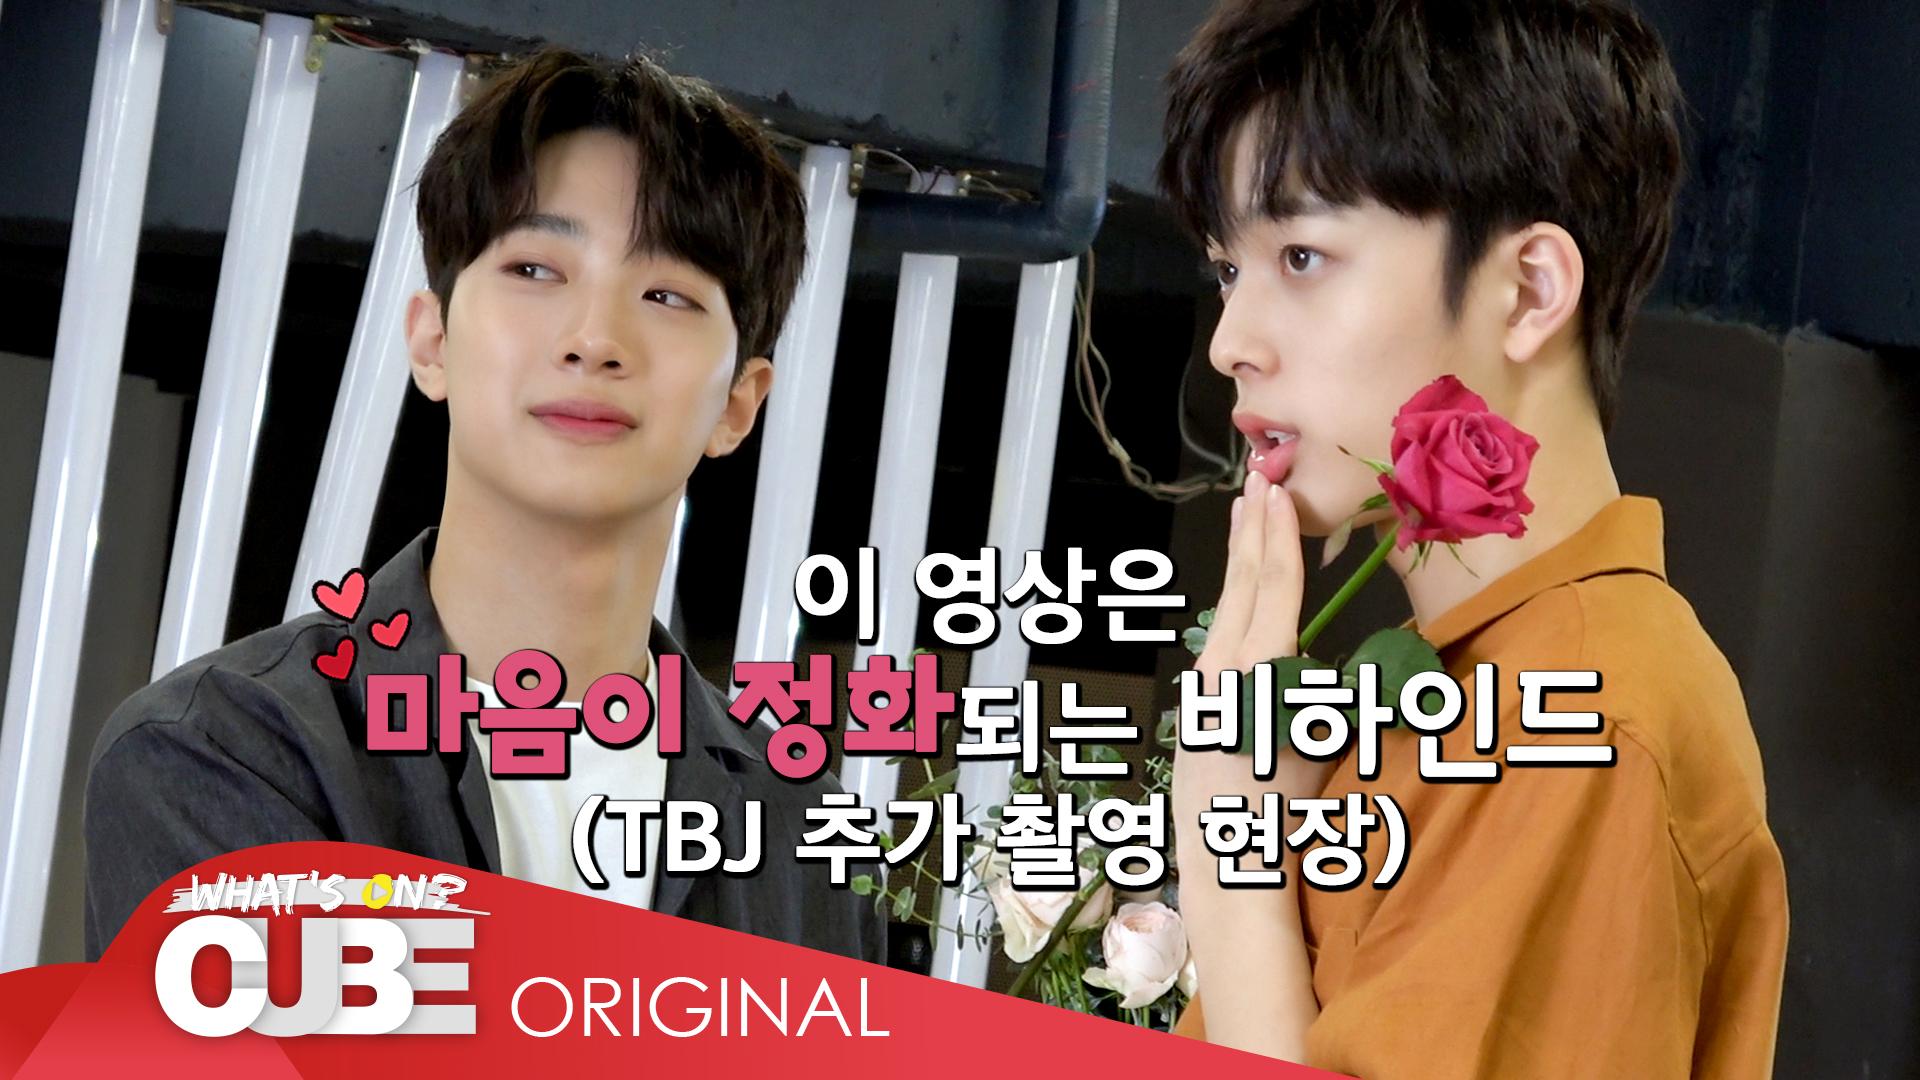 라이관린 & 유선호 - TBJ 광고 추가 촬영 비하인드 (BONUS CLIP)